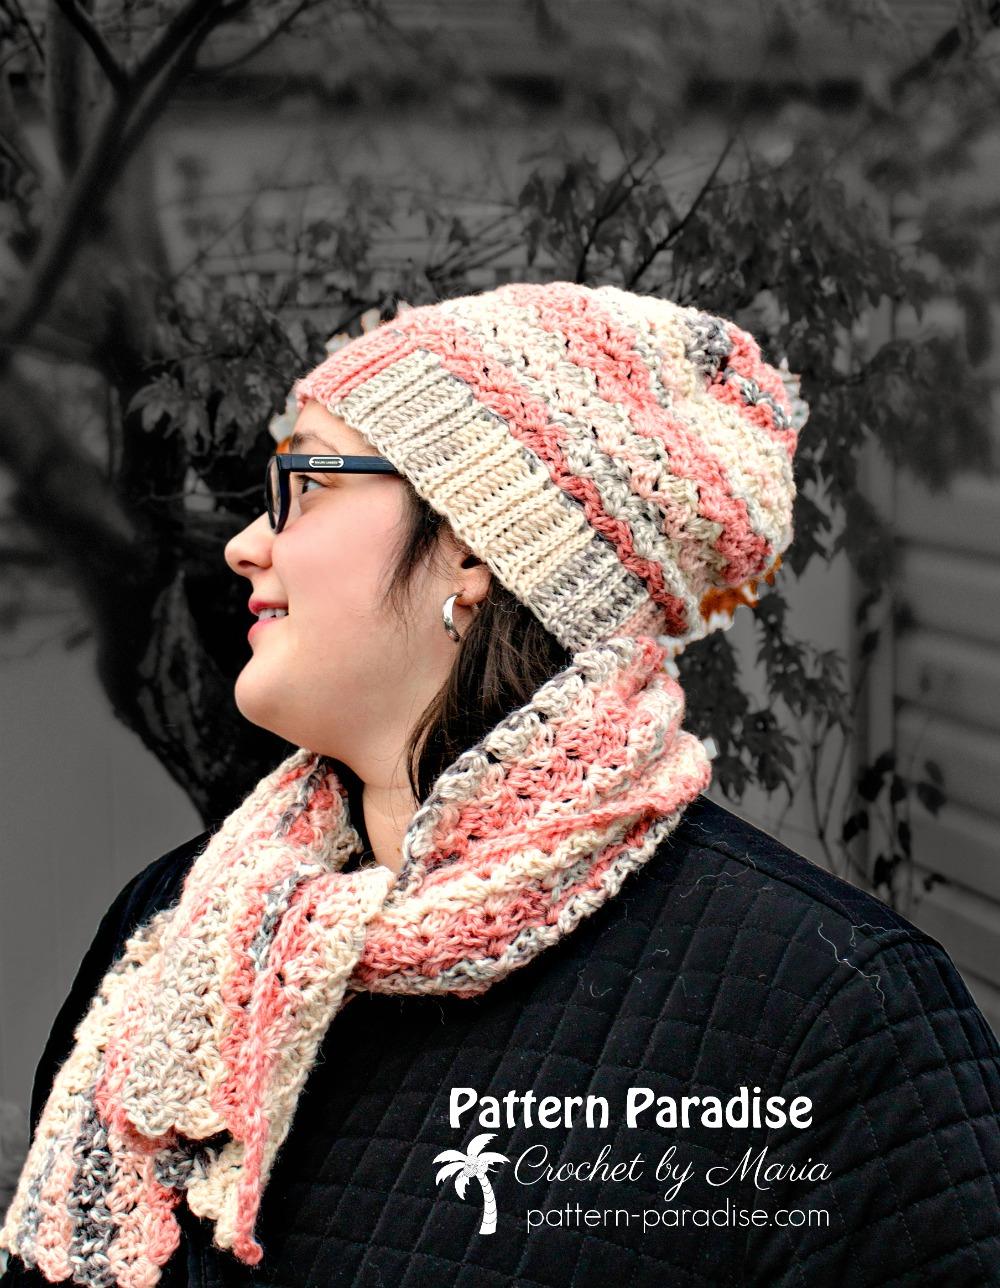 Free Crochet Pattern: Sunset Blush Hat and Scarf Set   Pattern Paradise